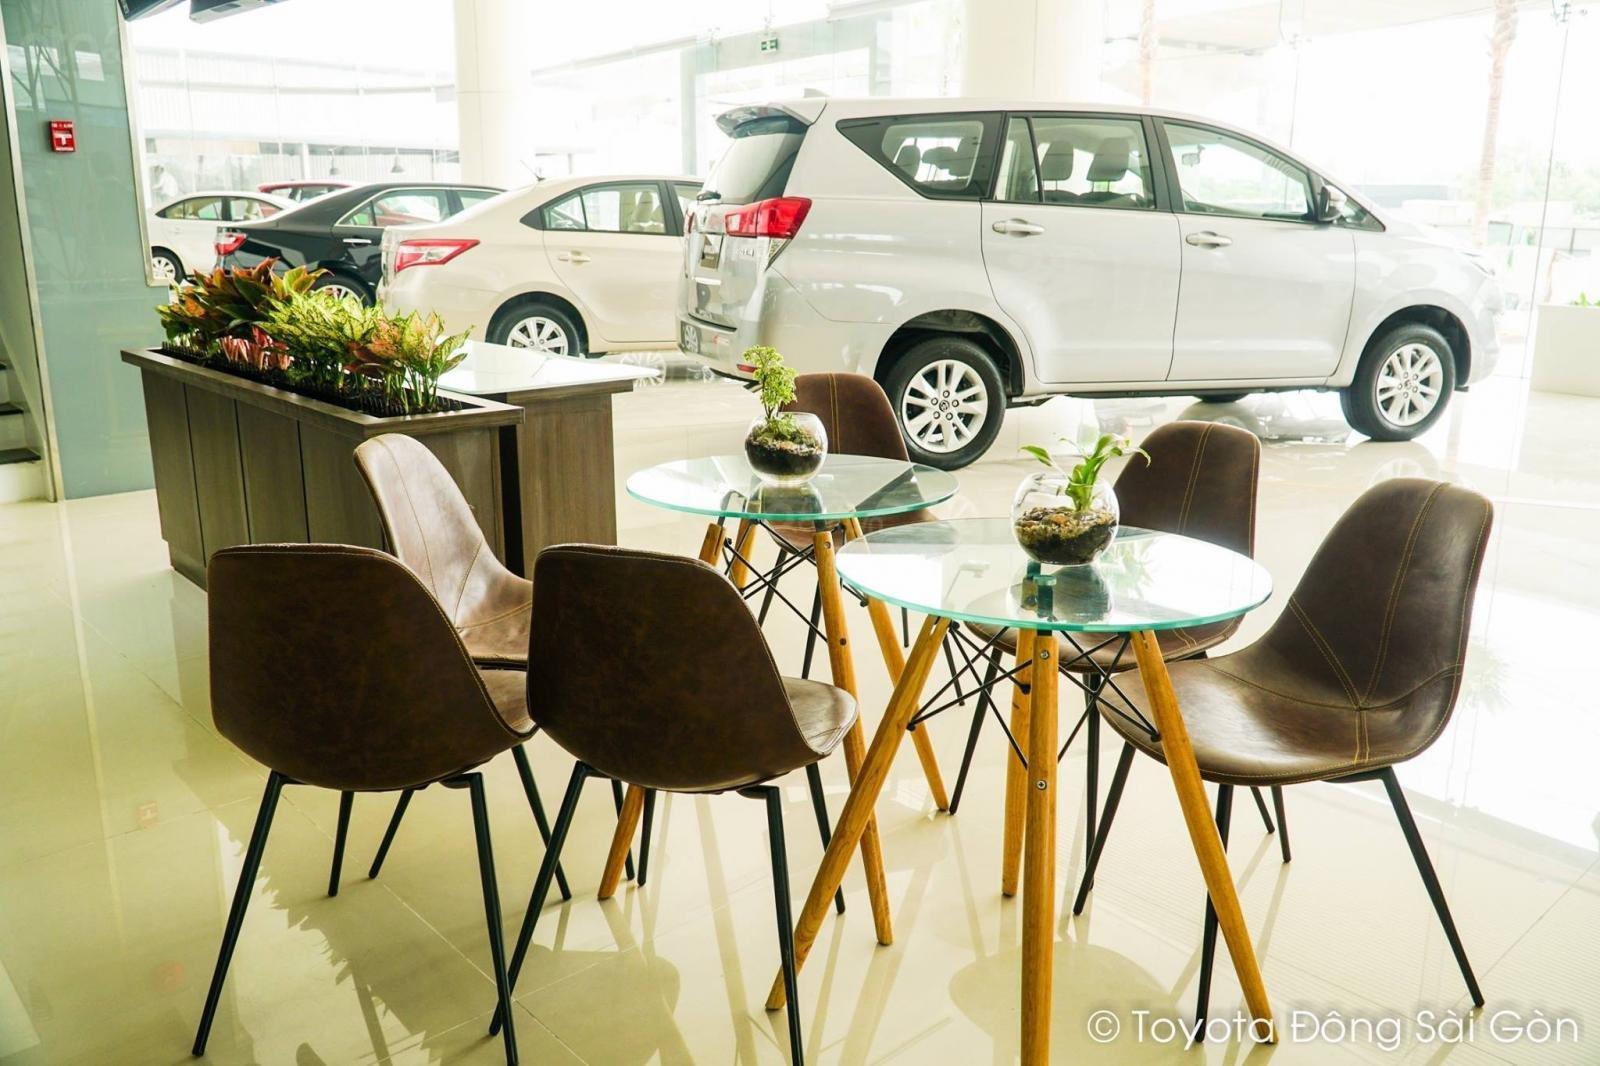 Toyota Đông Sài Gòn - CN Gò Vấp